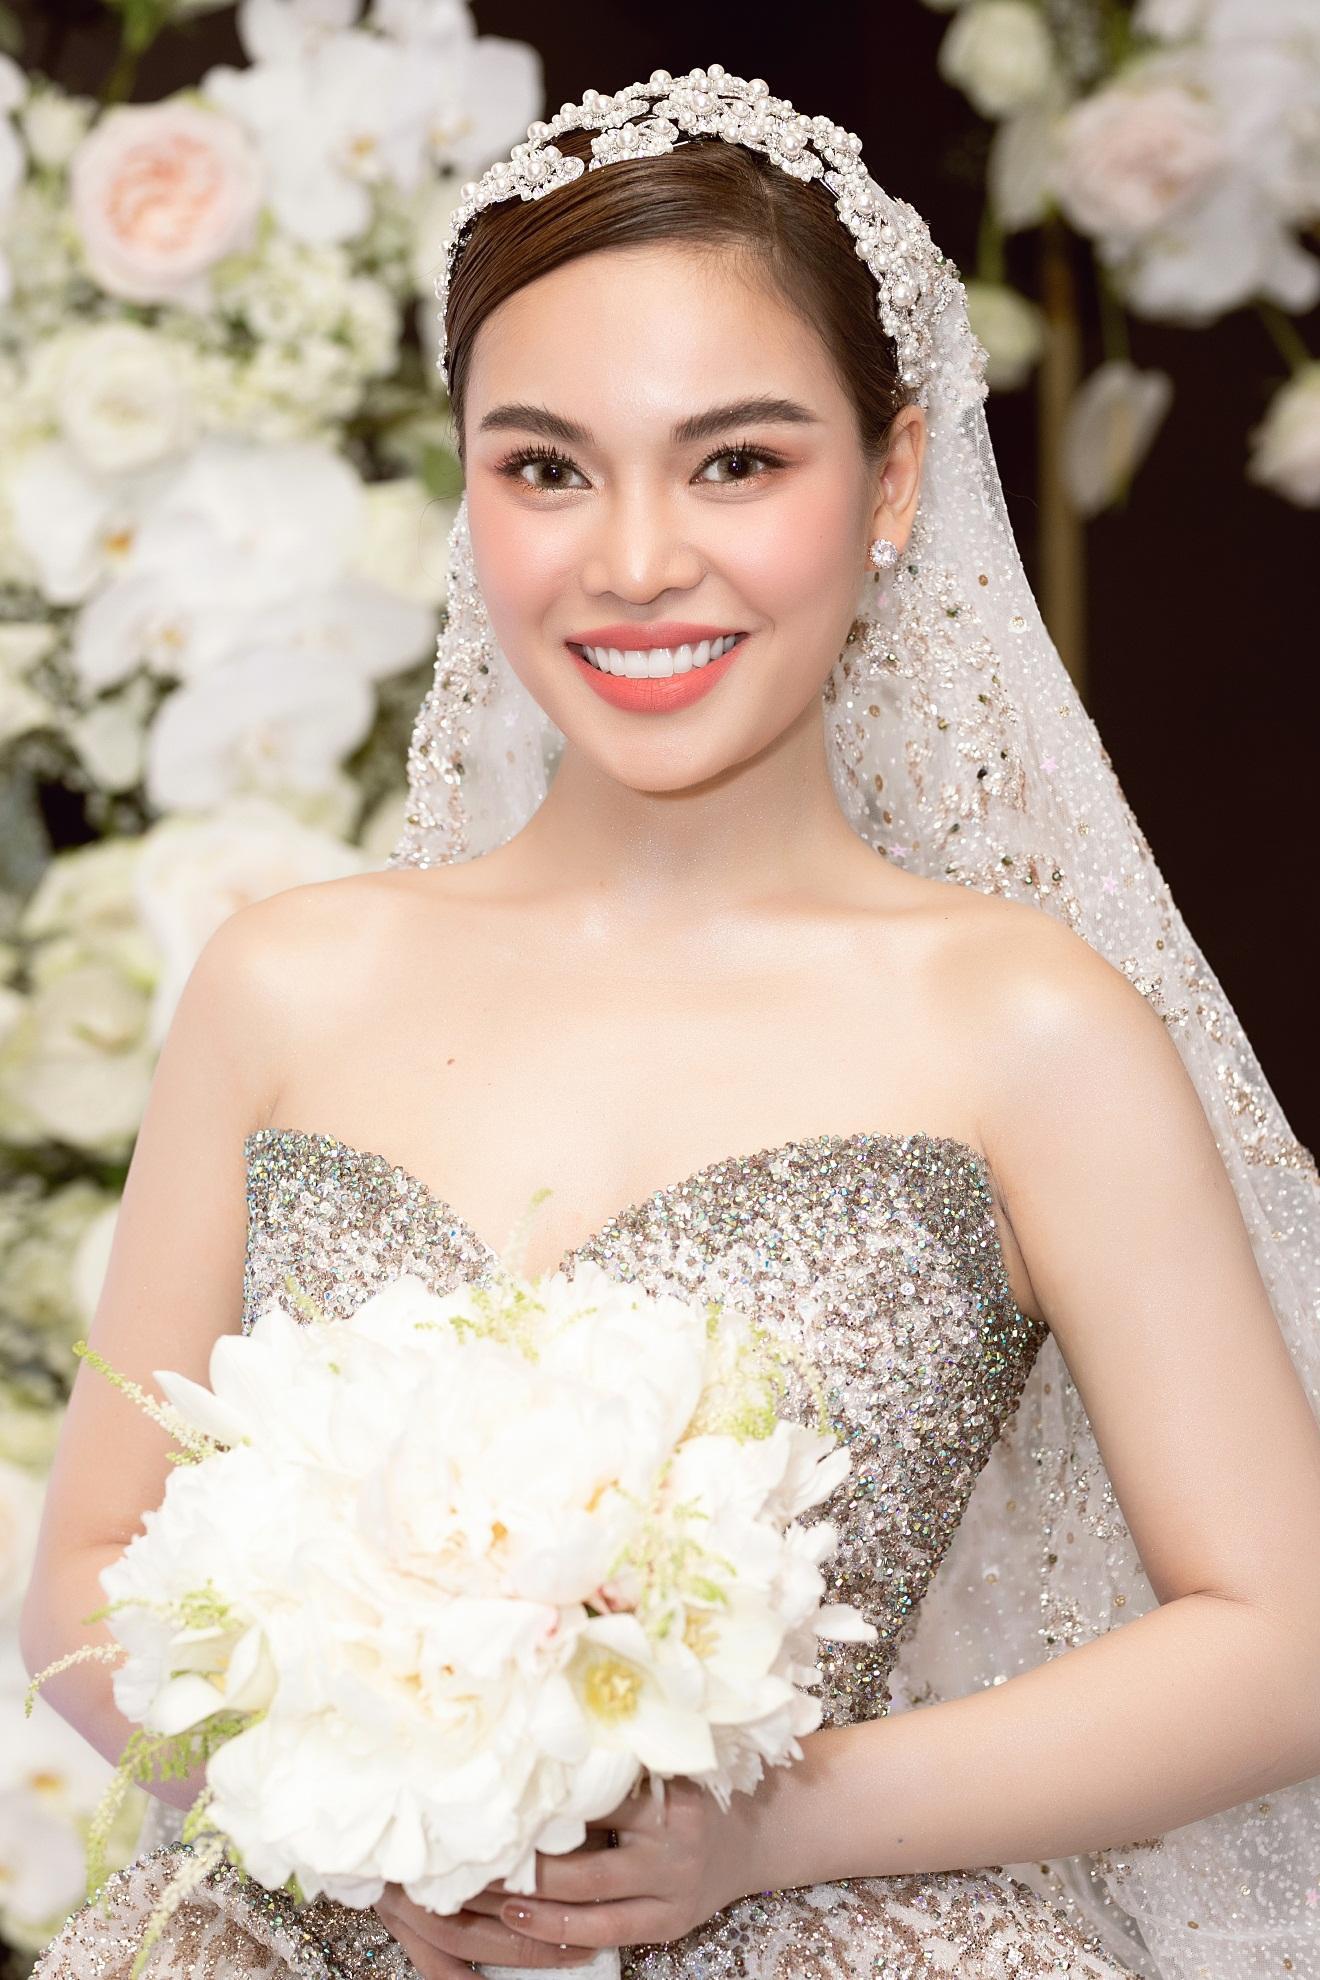 Ba mẫu váy cưới Hacchic Couture thực hiện cho Giang Hồng Ngọc kèm thông điệp ý nghĩa bất ngờ - Ảnh 8.